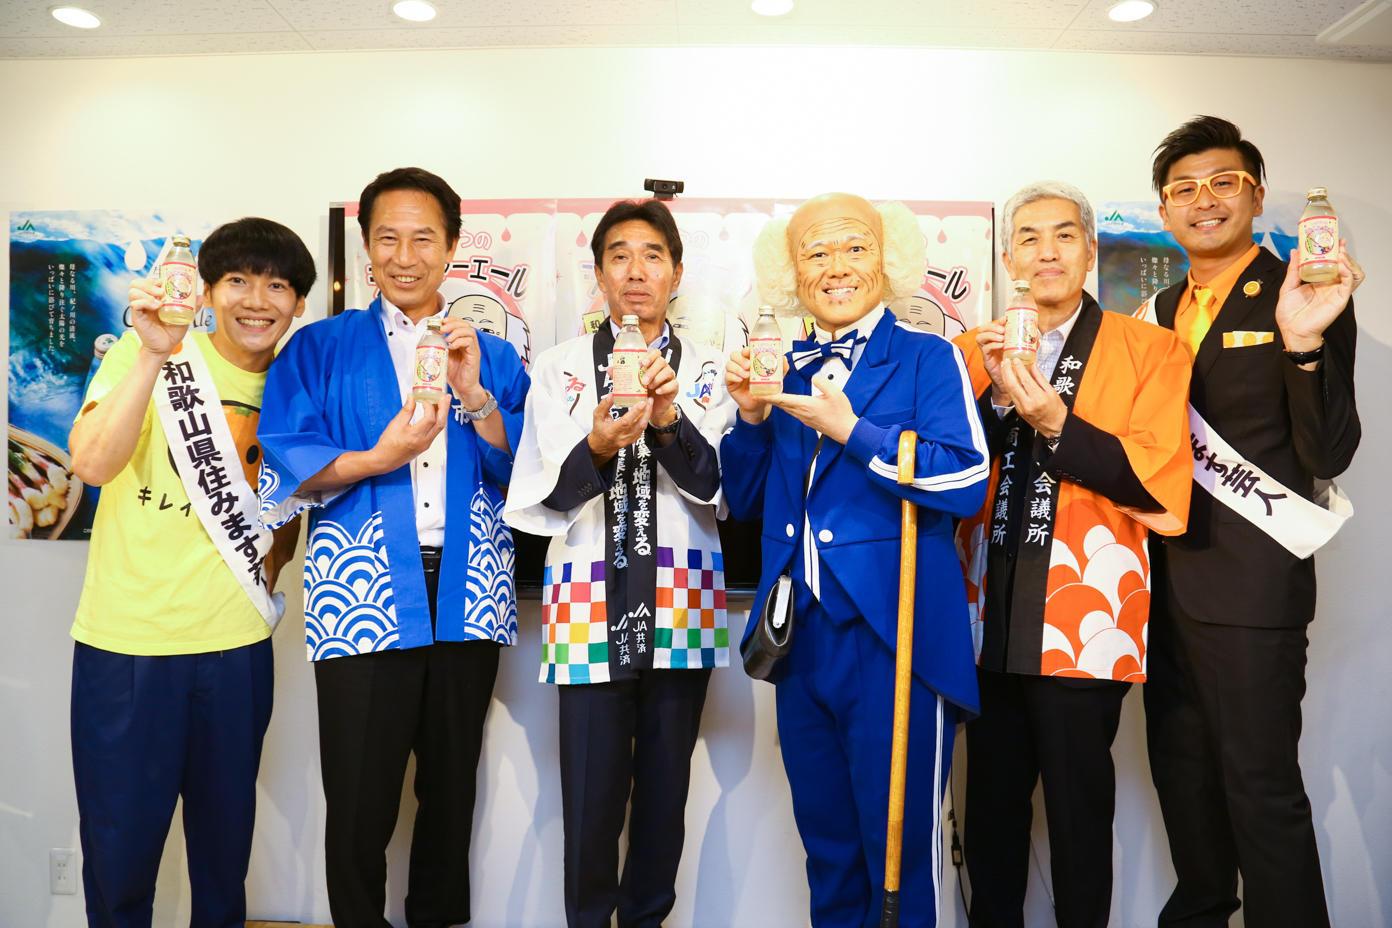 http://news.yoshimoto.co.jp/20180807211917-110ed6e640e6f4ab08c6d58303907bf52b53e338.jpg